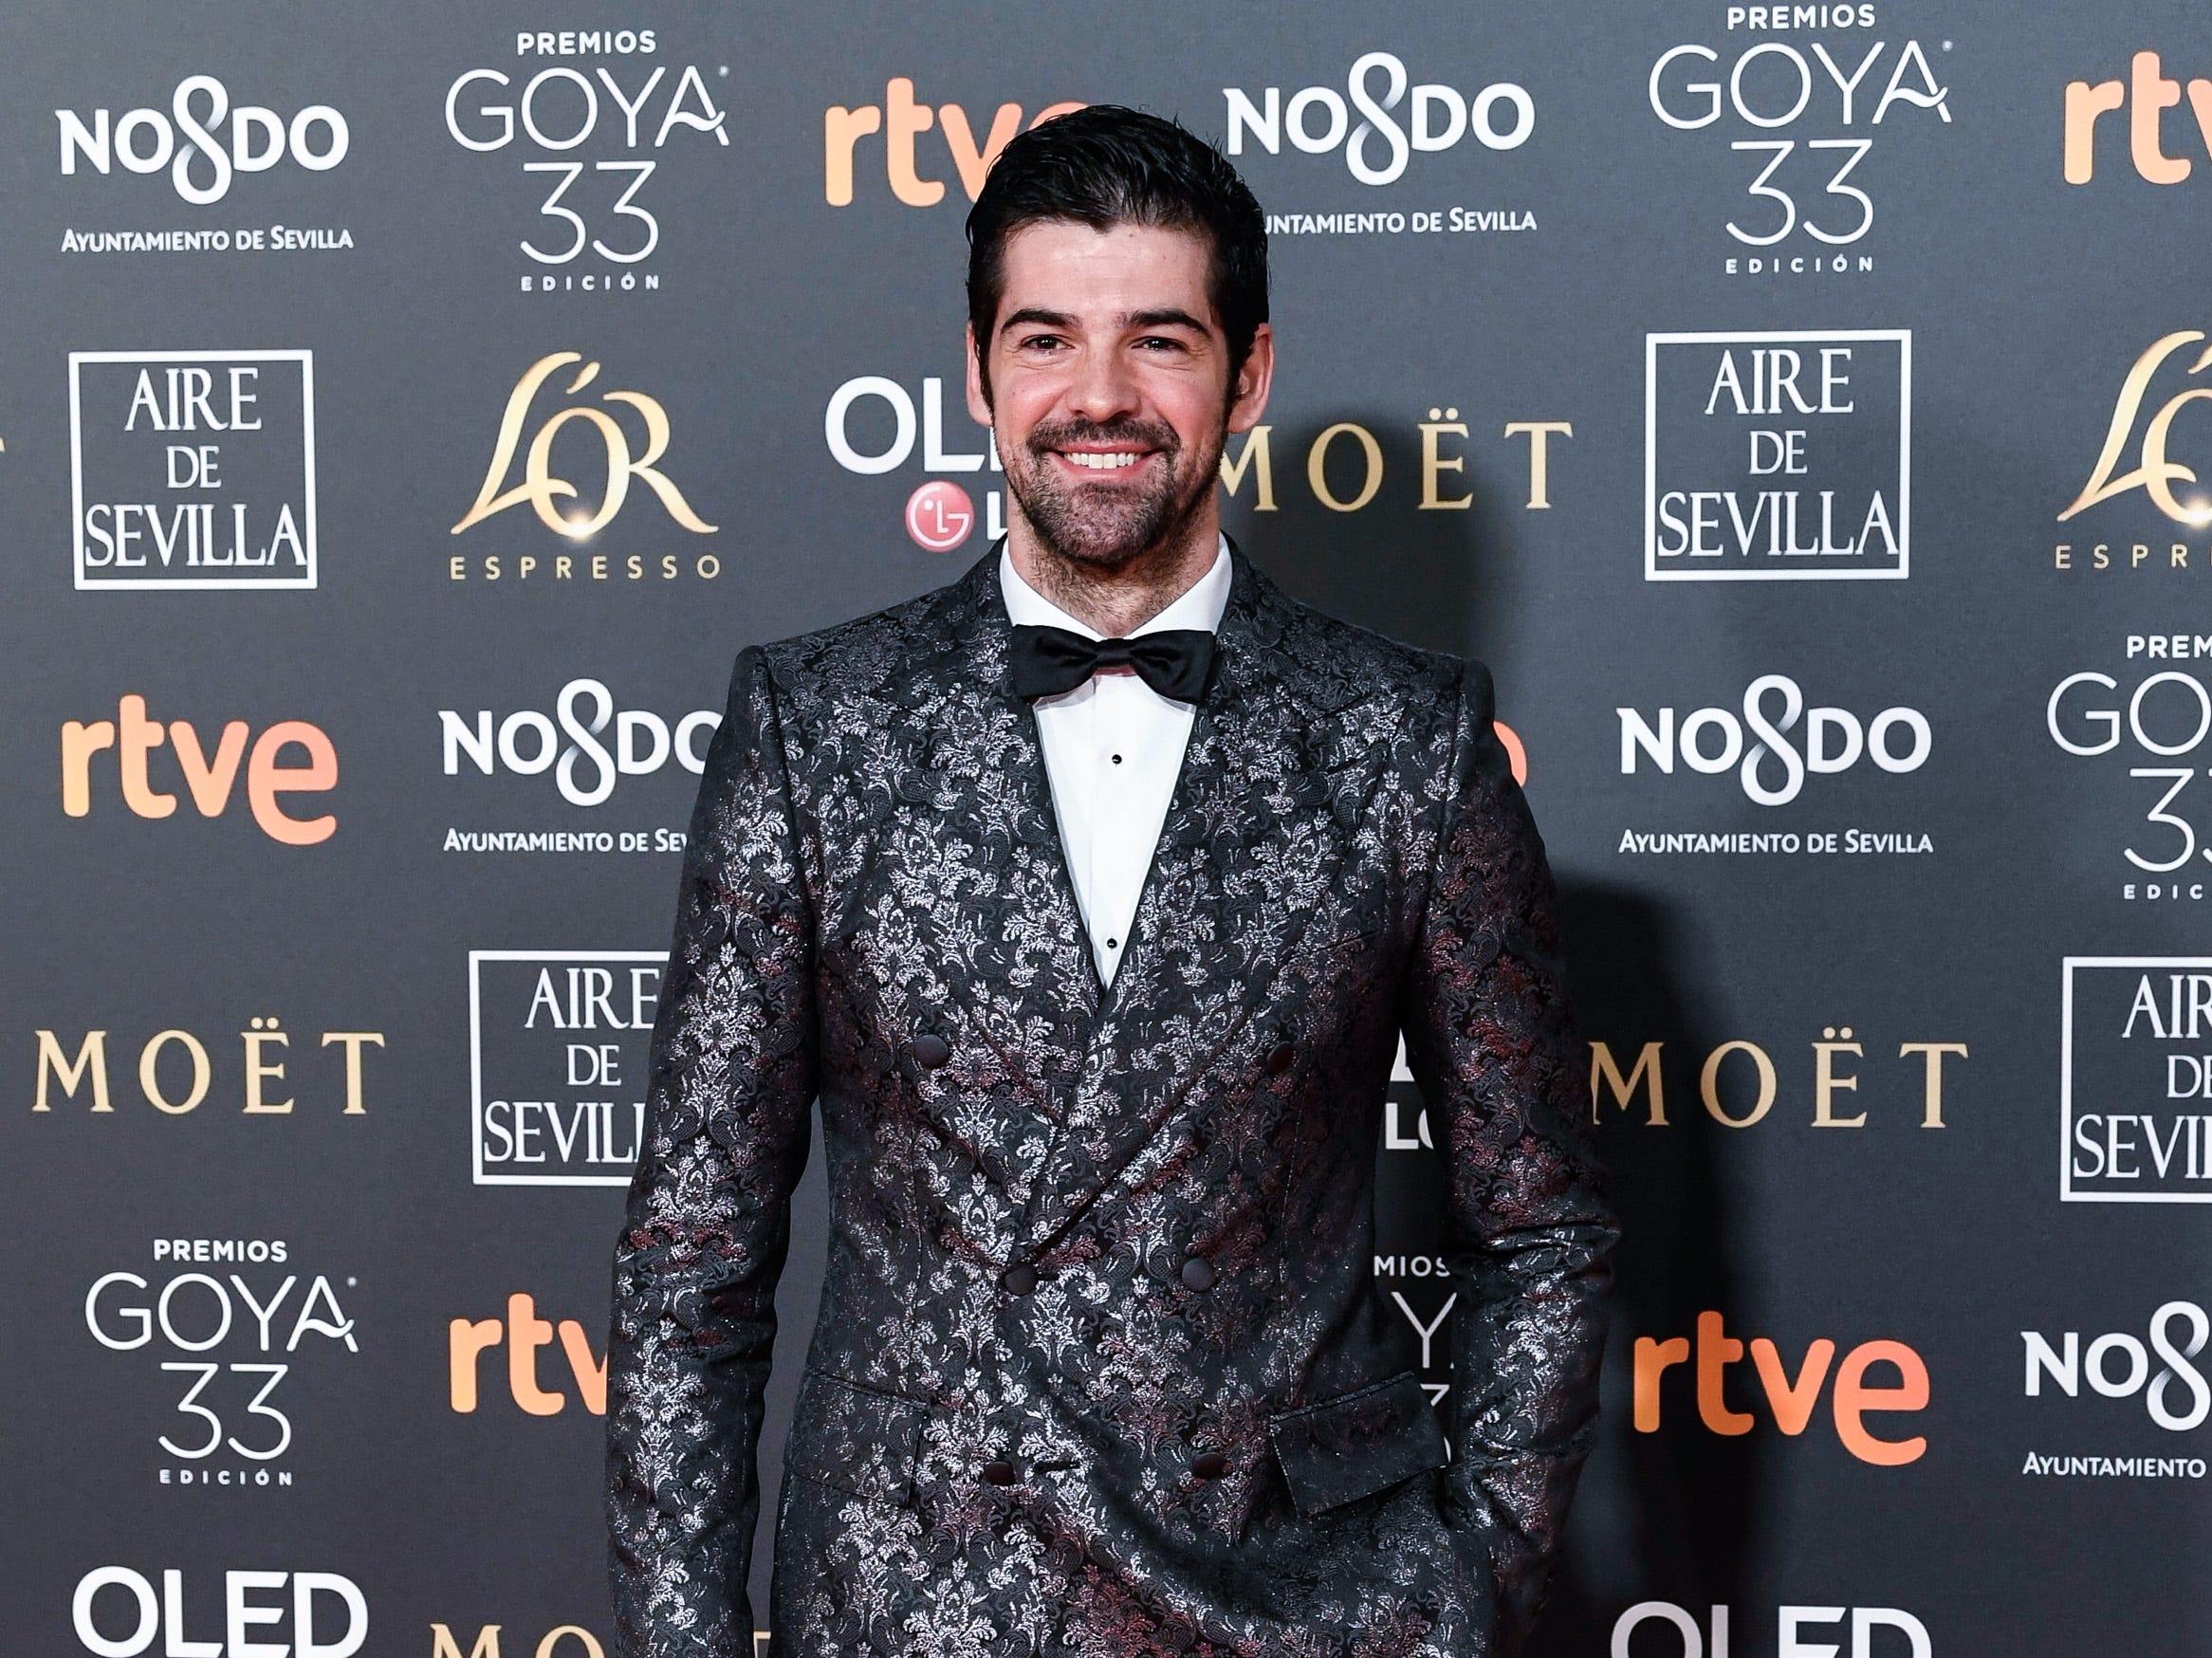 Miguel Angel Muñoz asiste a la 33ª edición de los Premios de Cine Goya en el Palacio de Congresos y Exposiciones FIBES el 2 de febrero de 2019 en Sevilla, España.